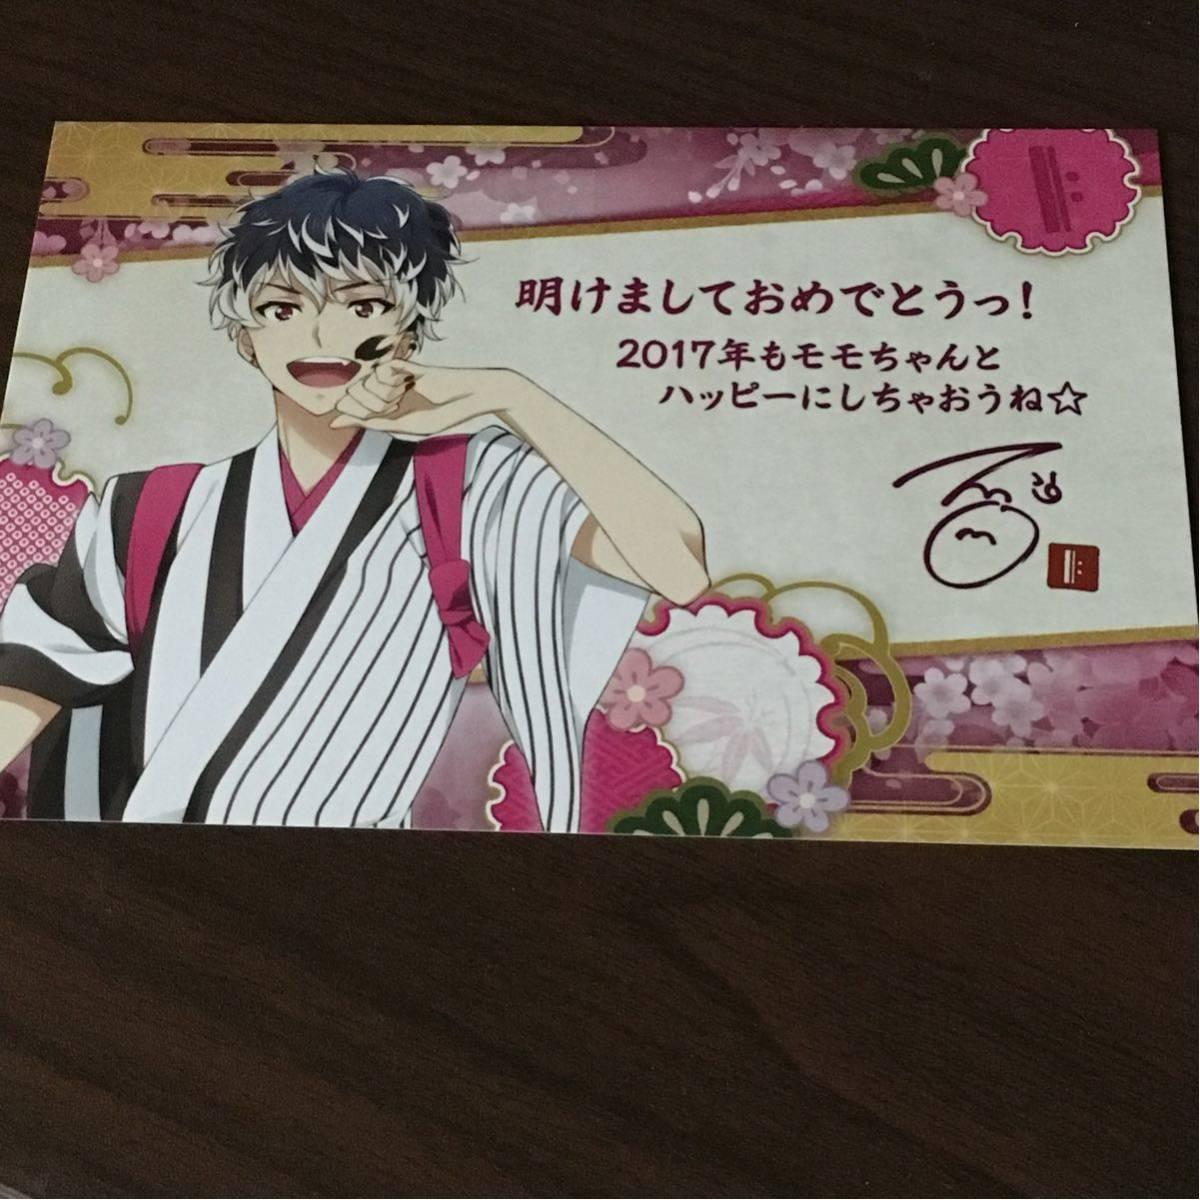 アイドリッシュセブン ポストカード ~2017年新春アイナナ祭り!!フェアinアニメイト~ 百_画像1